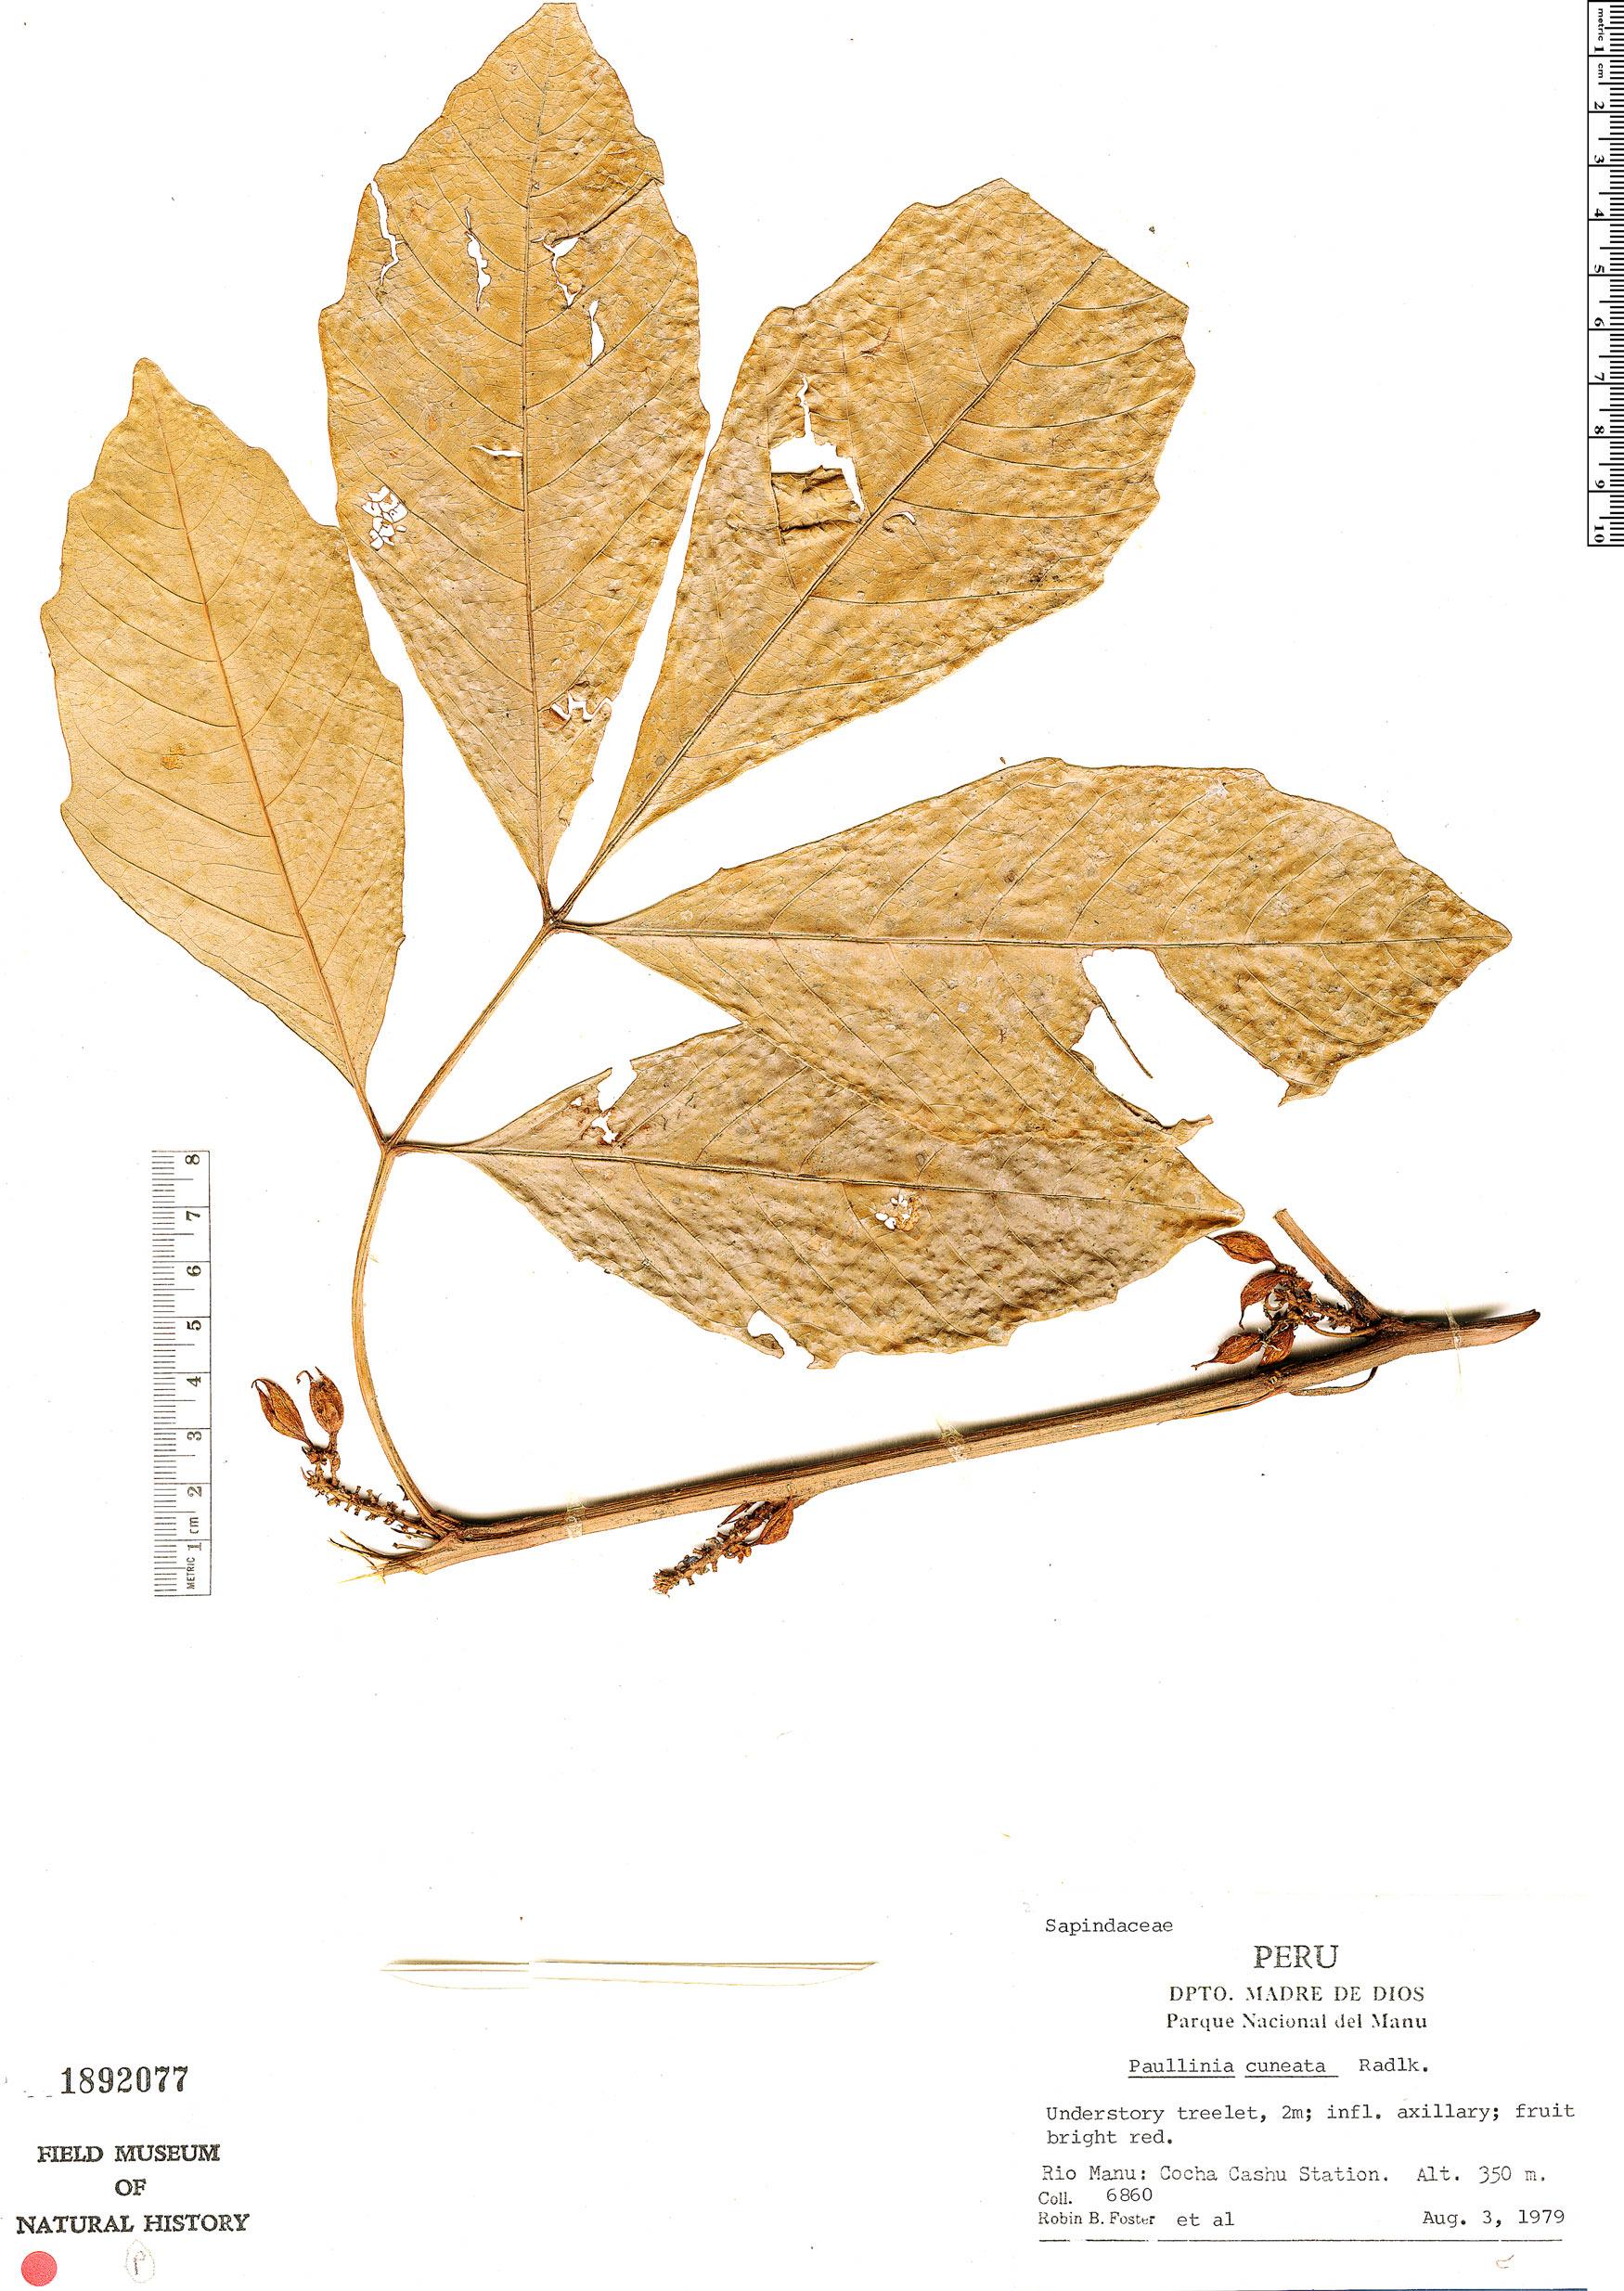 Specimen: Paullinia cuneata